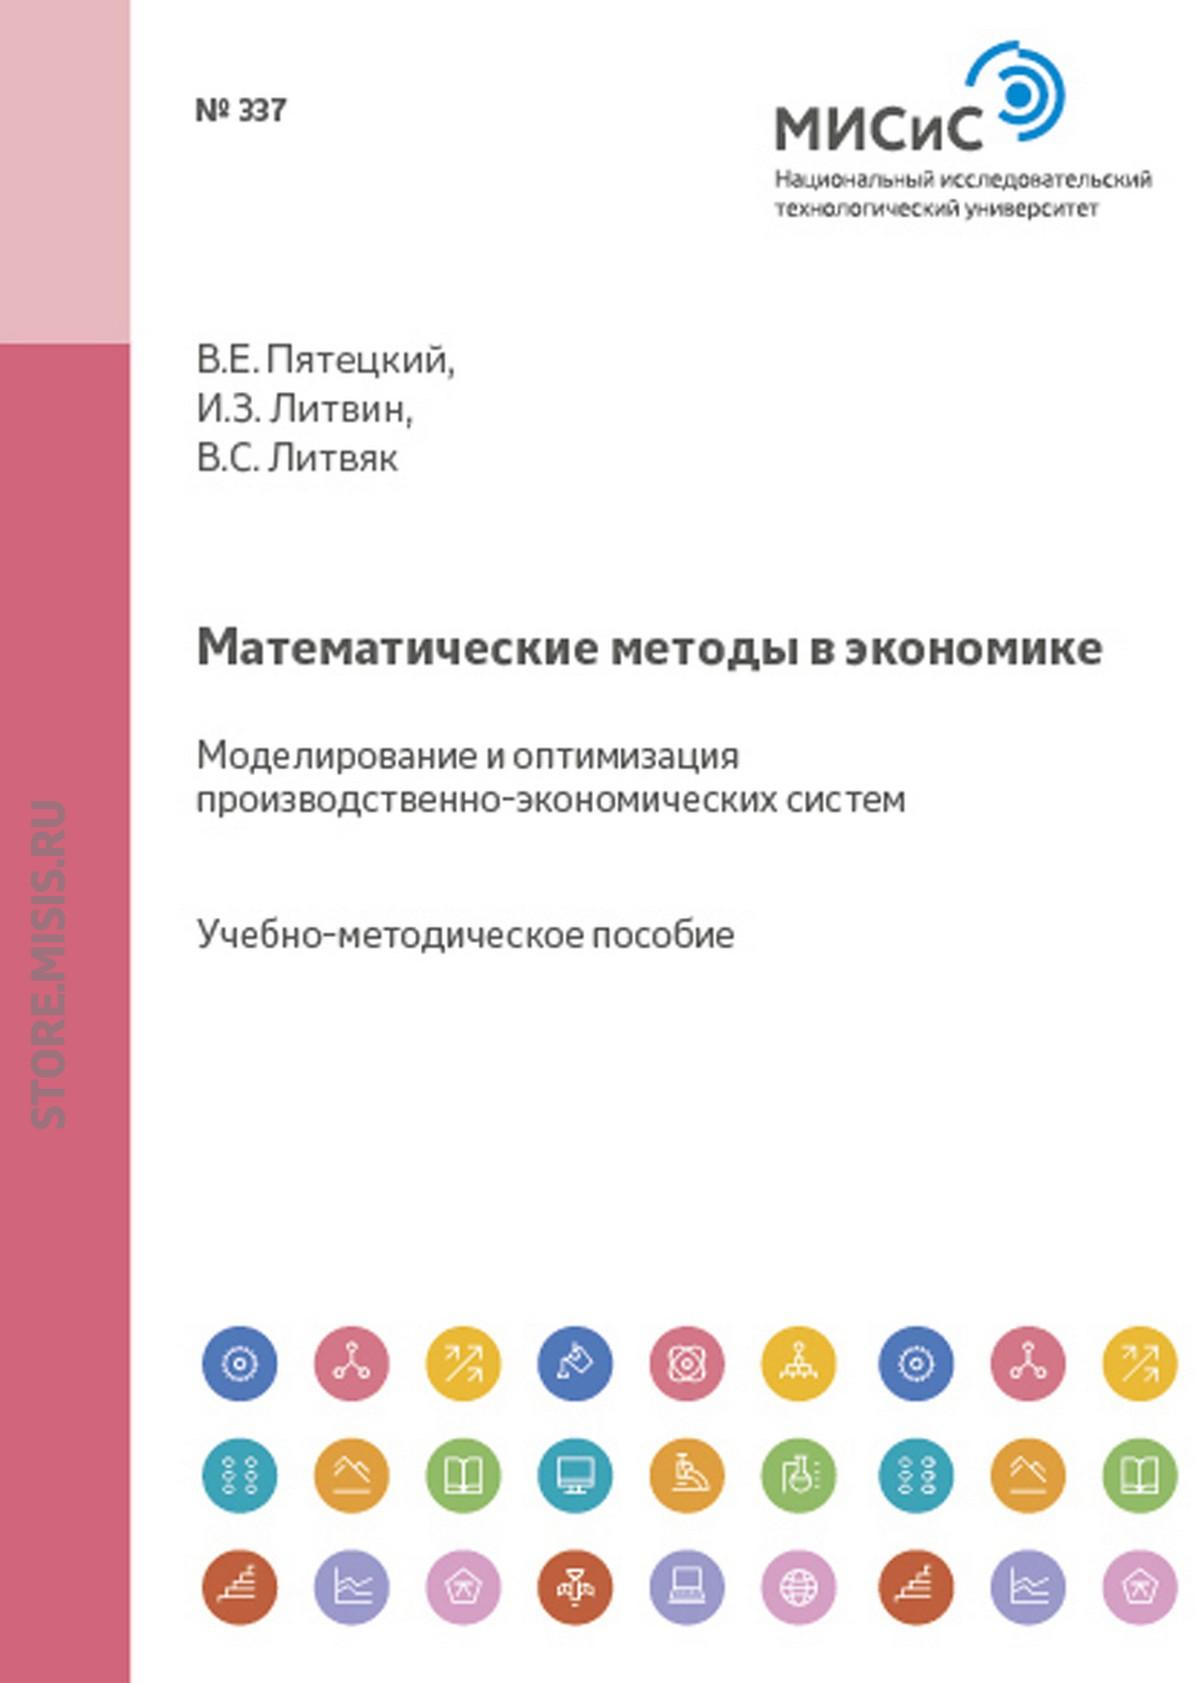 Математические методы в экономике. Моделирование и оптимизация производственно-экономических систем